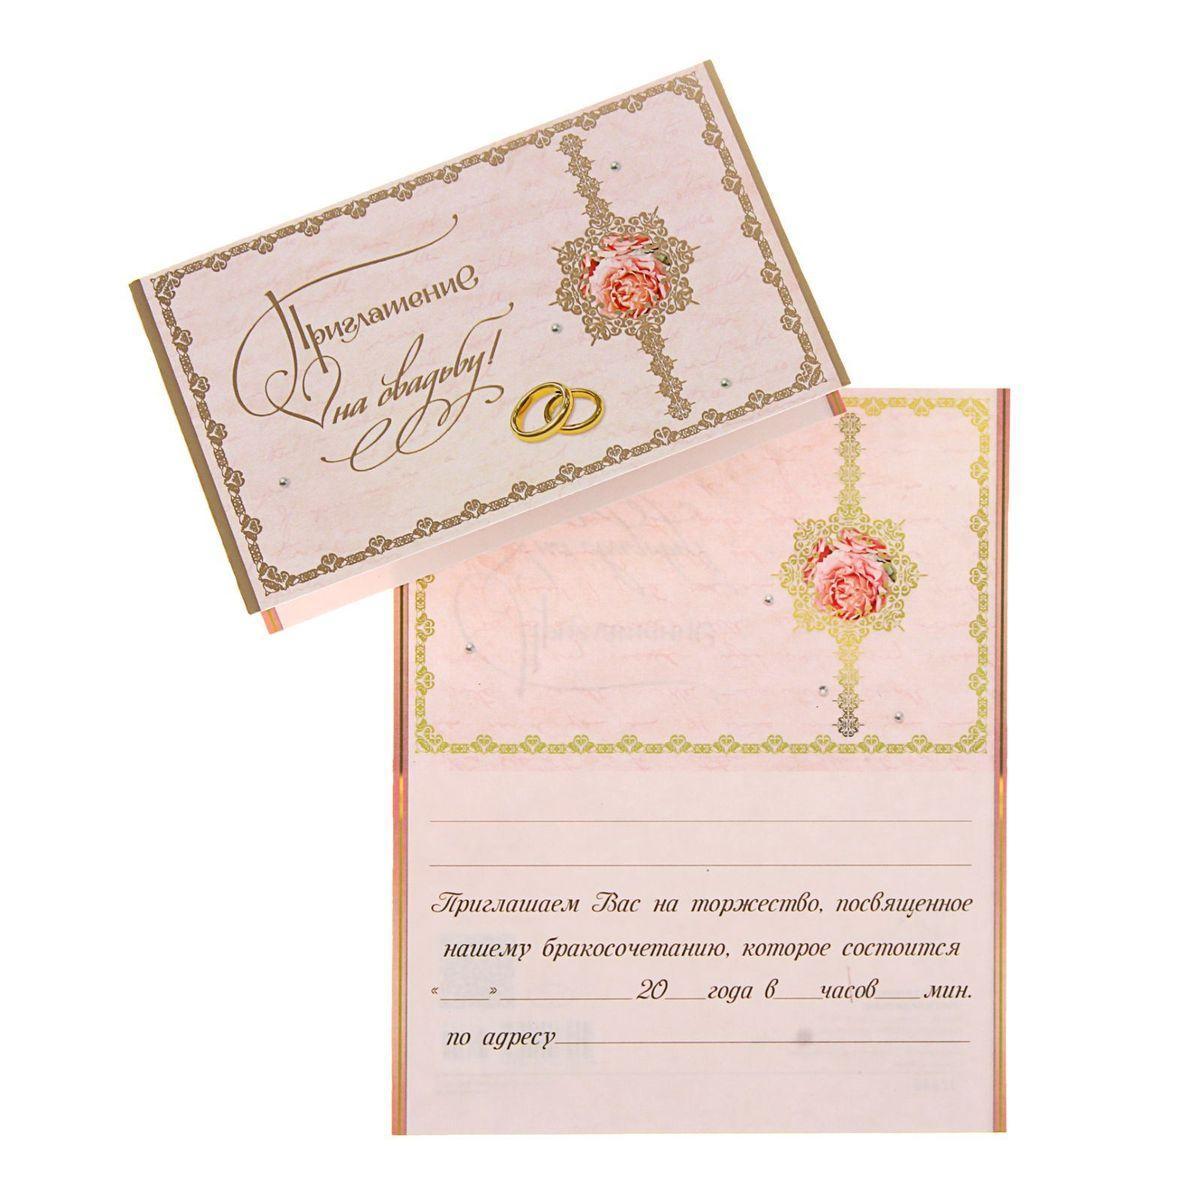 Приглашение на свадьбу Русский дизайн Роза и кольца, 17 х 14 см1230190Красивая свадебная пригласительная открытка станет незаменимым атрибутом подготовки к предстоящему торжеству и позволит объявить самым дорогим вам людям о важном событии в вашей жизни. Приглашение на свадьбу Русский дизайн Роза и кольца, выполненное из картона, отличается не только оригинальным дизайном, но и высоким качеством. Внутри - текст приглашения. Вам остается заполнить необходимые строки и раздать гостям. Устройте себе незабываемую свадьбу! Размер: 17 х 14 см.